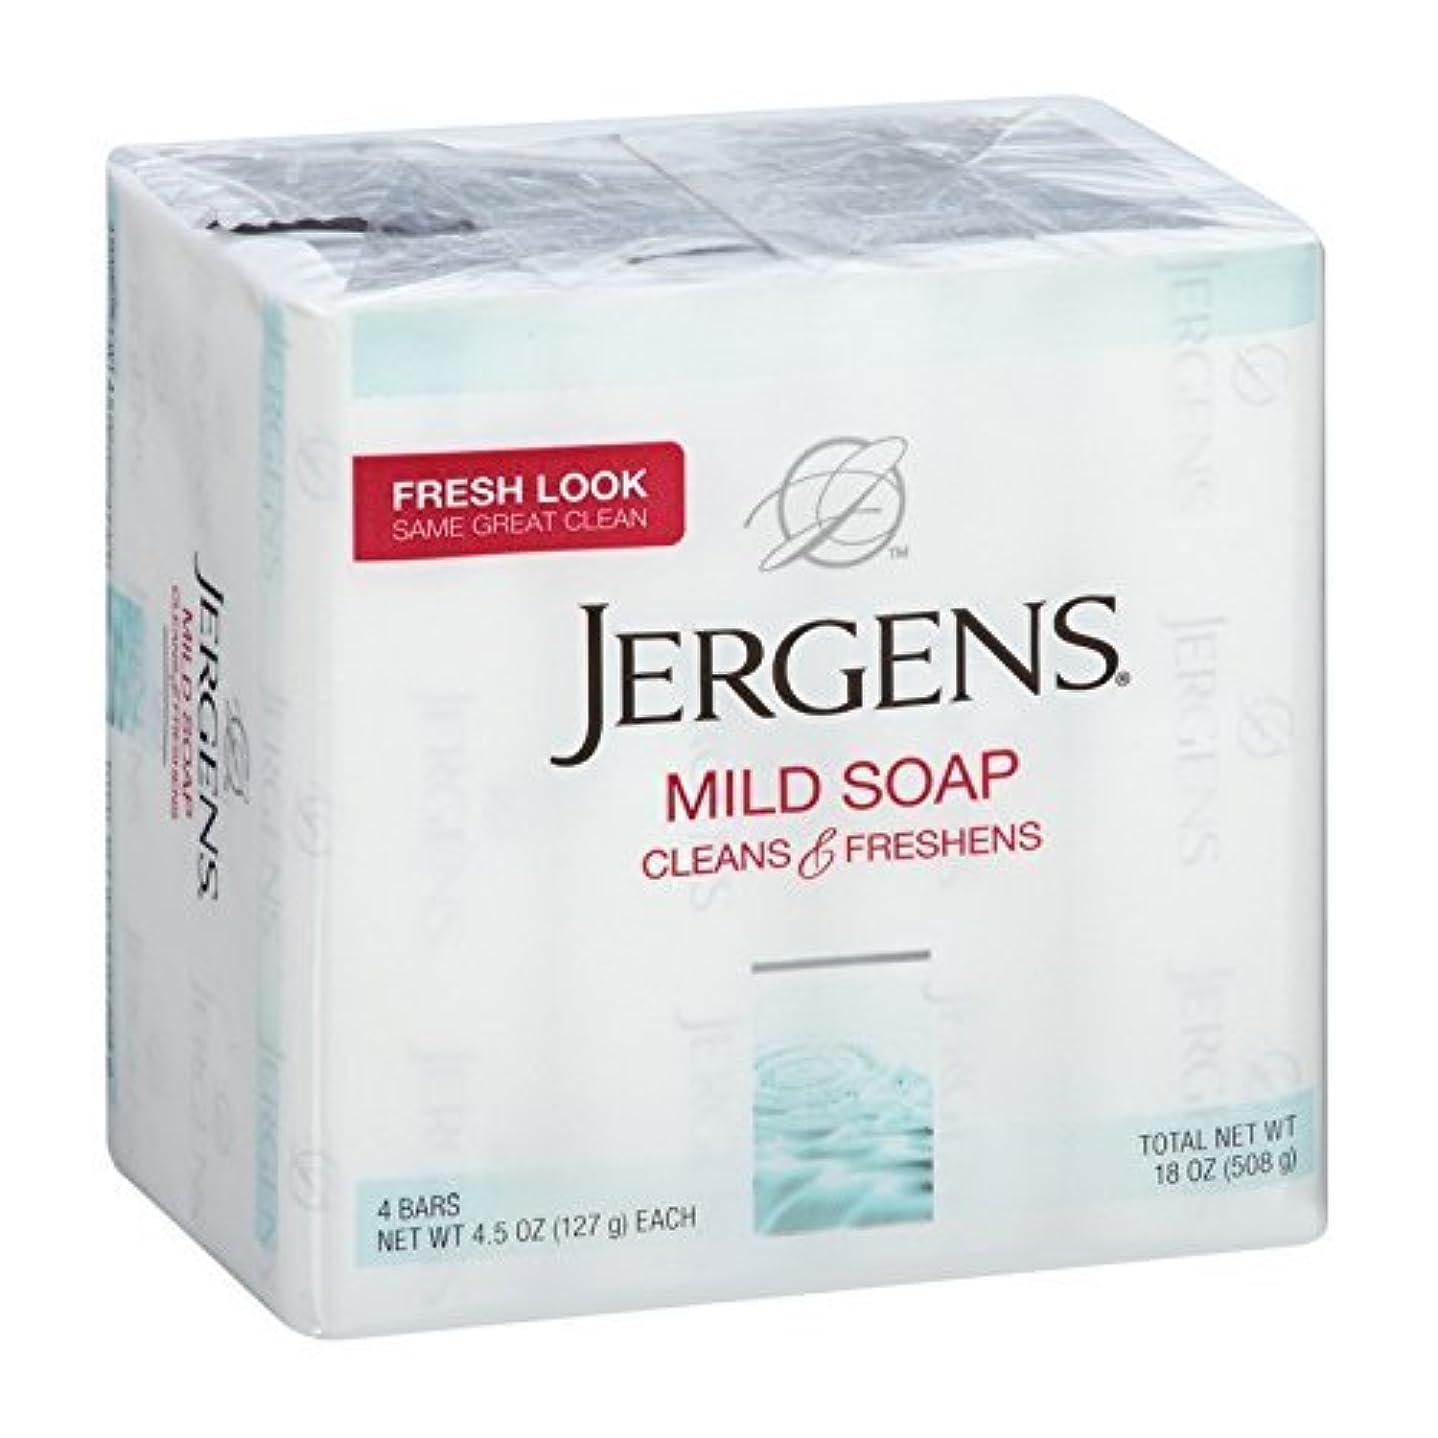 勧告老人低いJergens マイルドソープきれいに&フレッシュ4つのバー、4.5オズ(2パック) 2パック